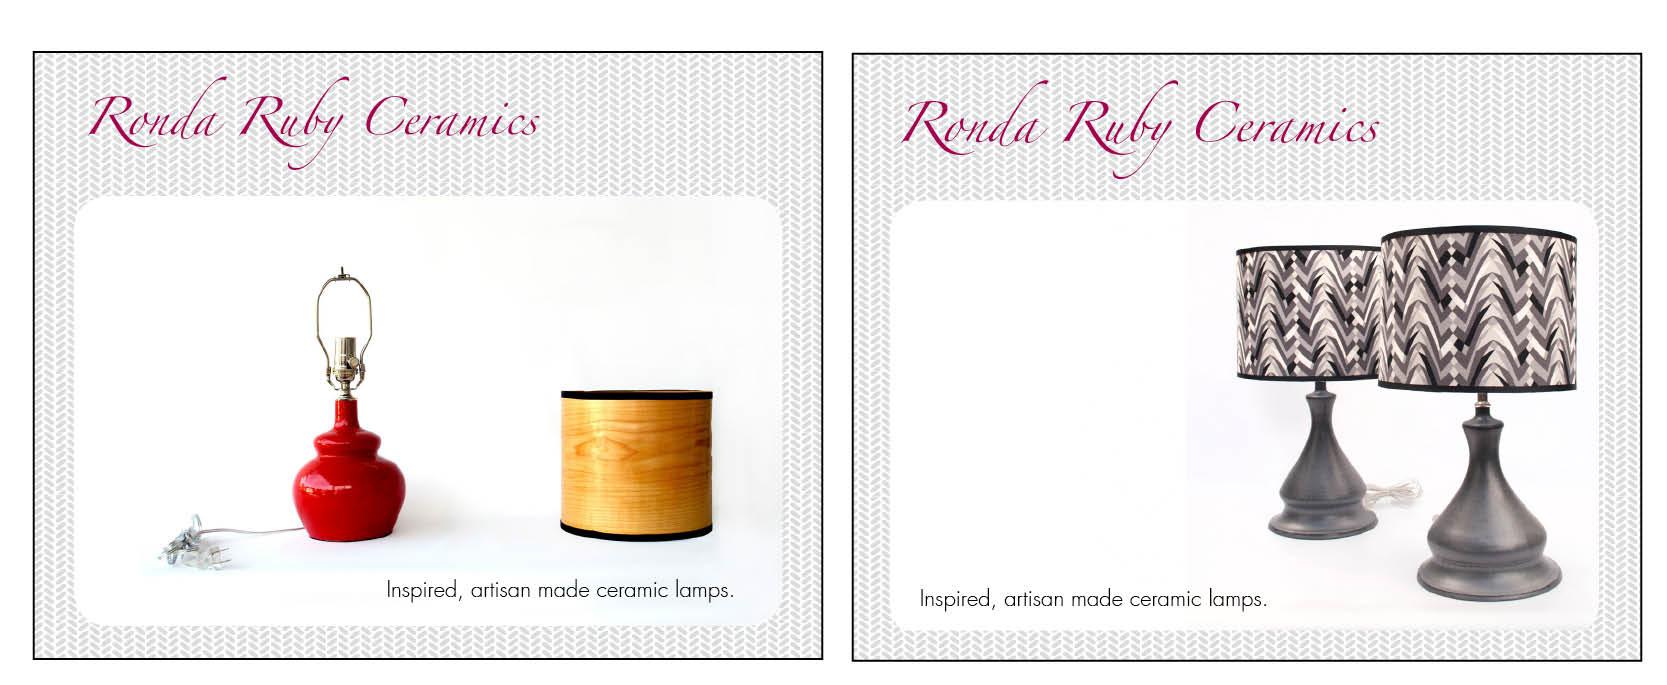 Personal Branding: Ronda Ruby Ceramics